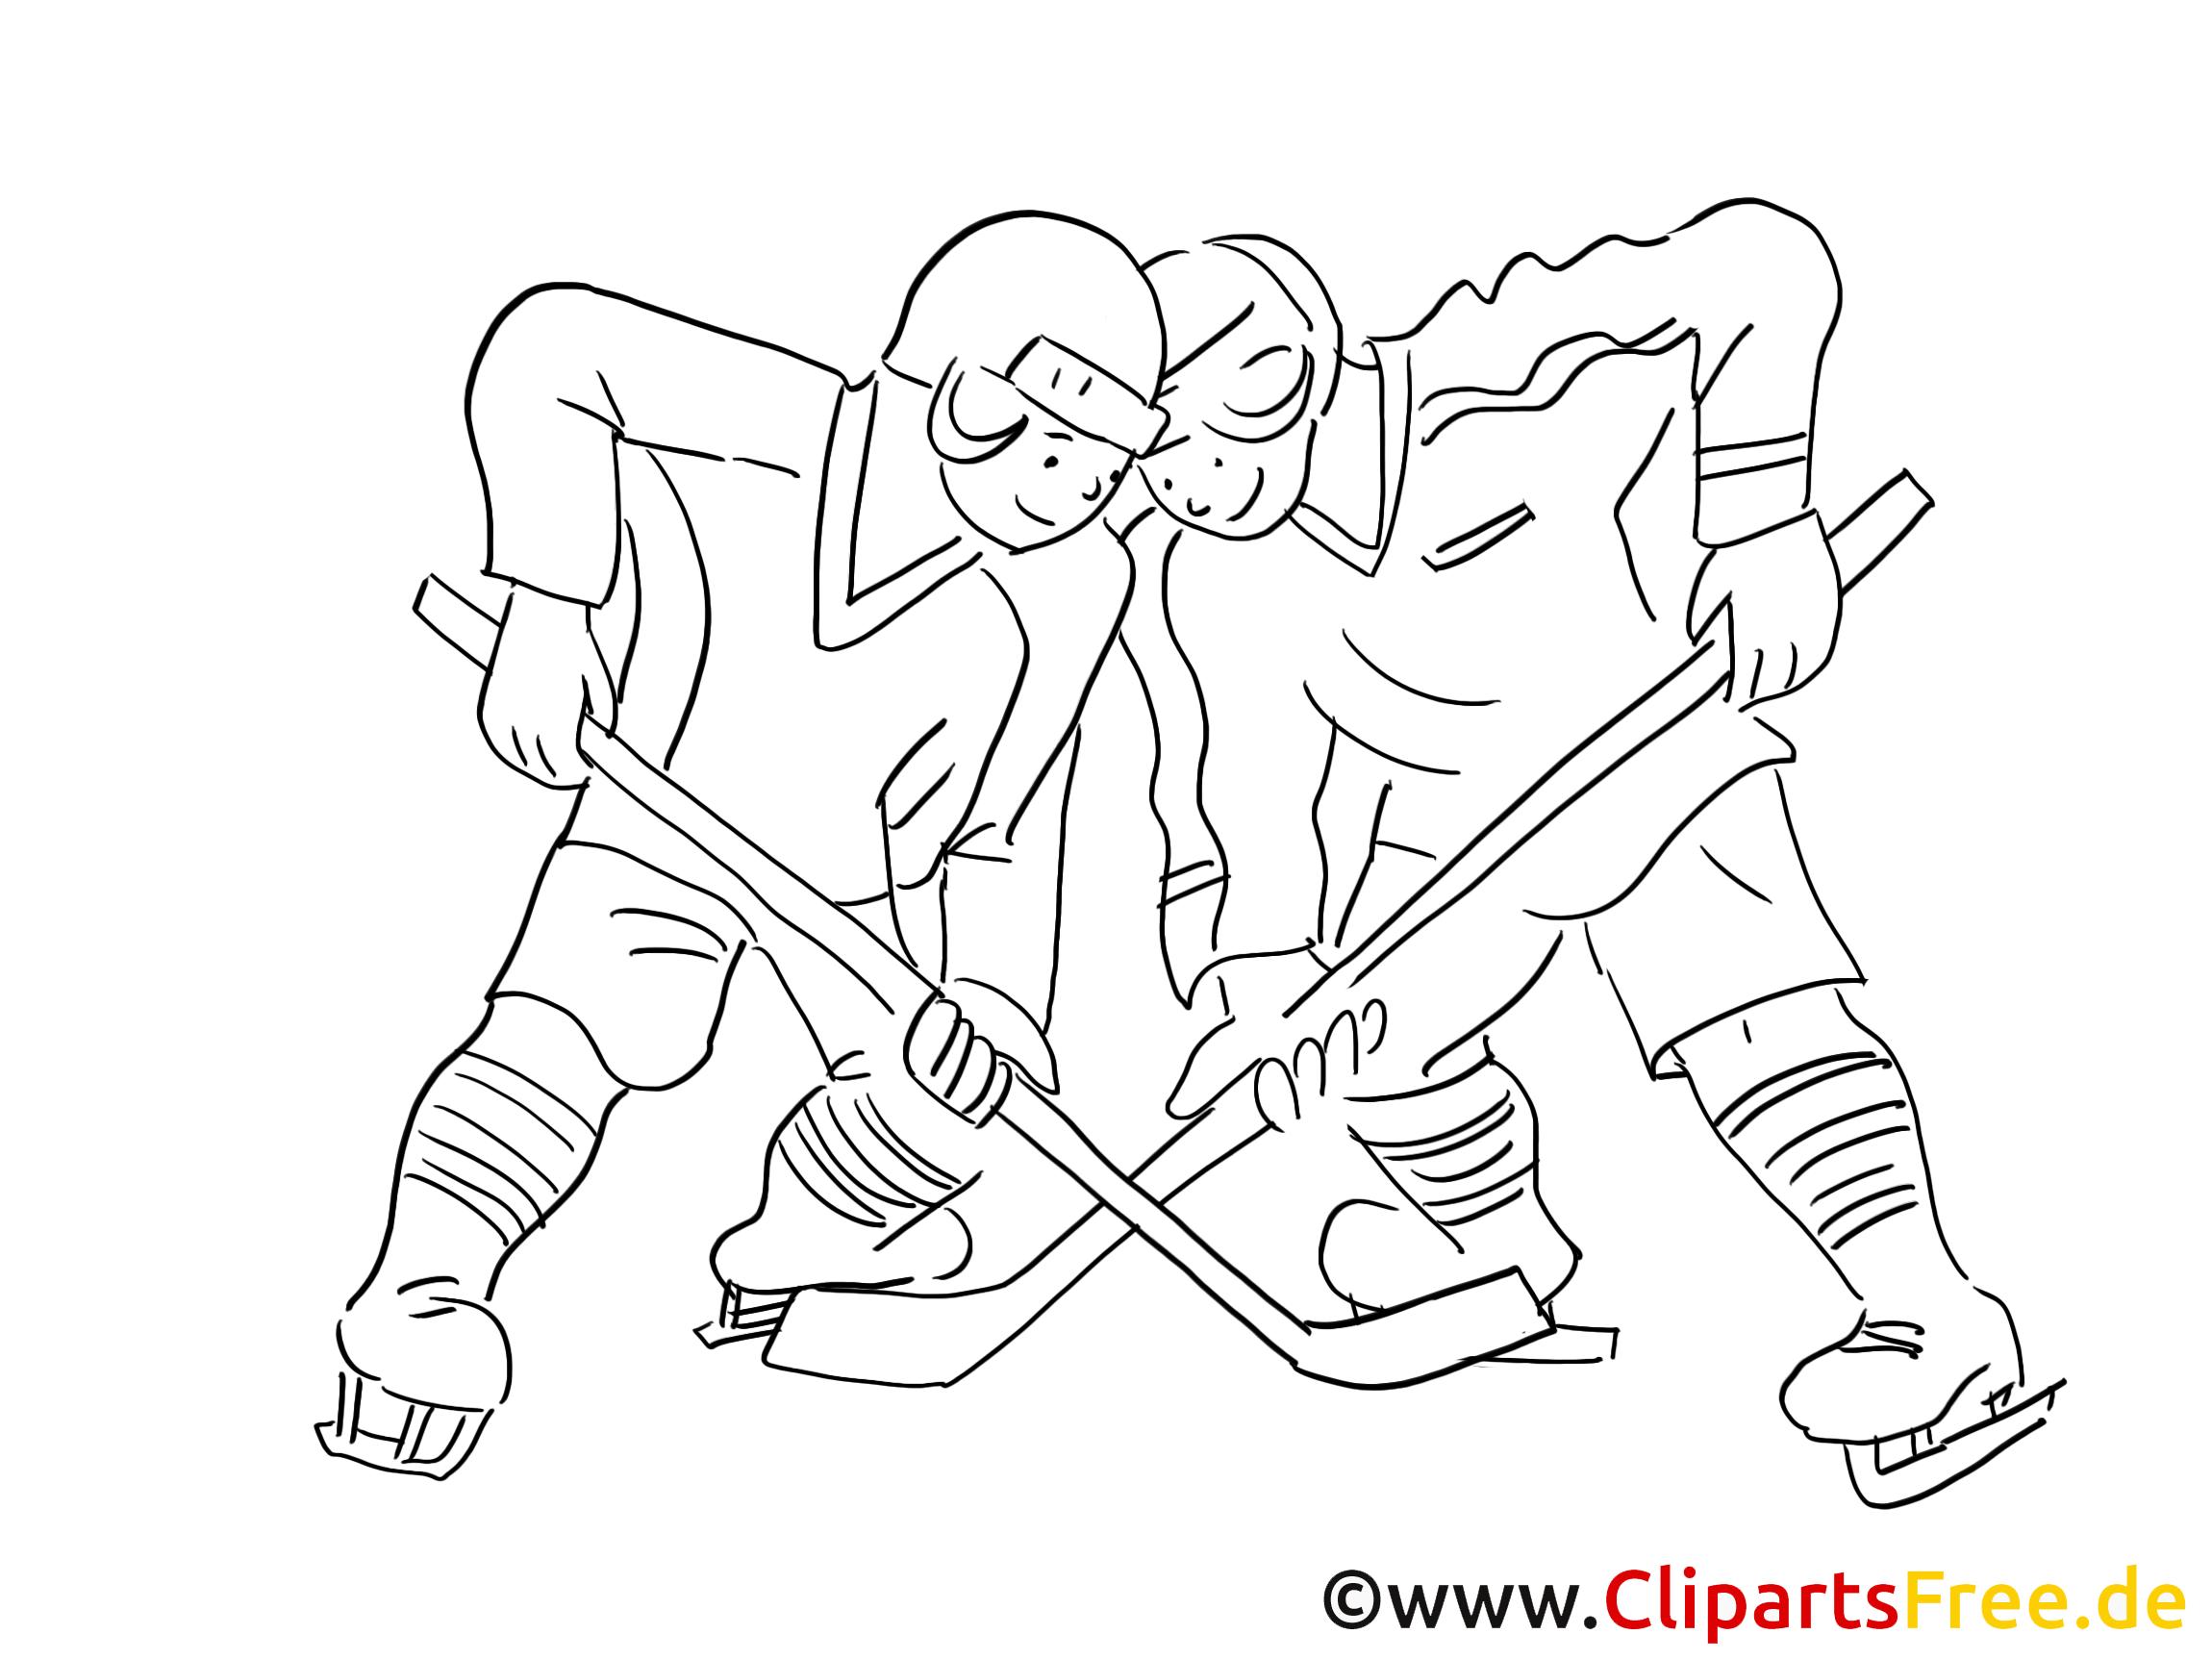 eishockey bild clipart grafik comic schwarzweiss zum